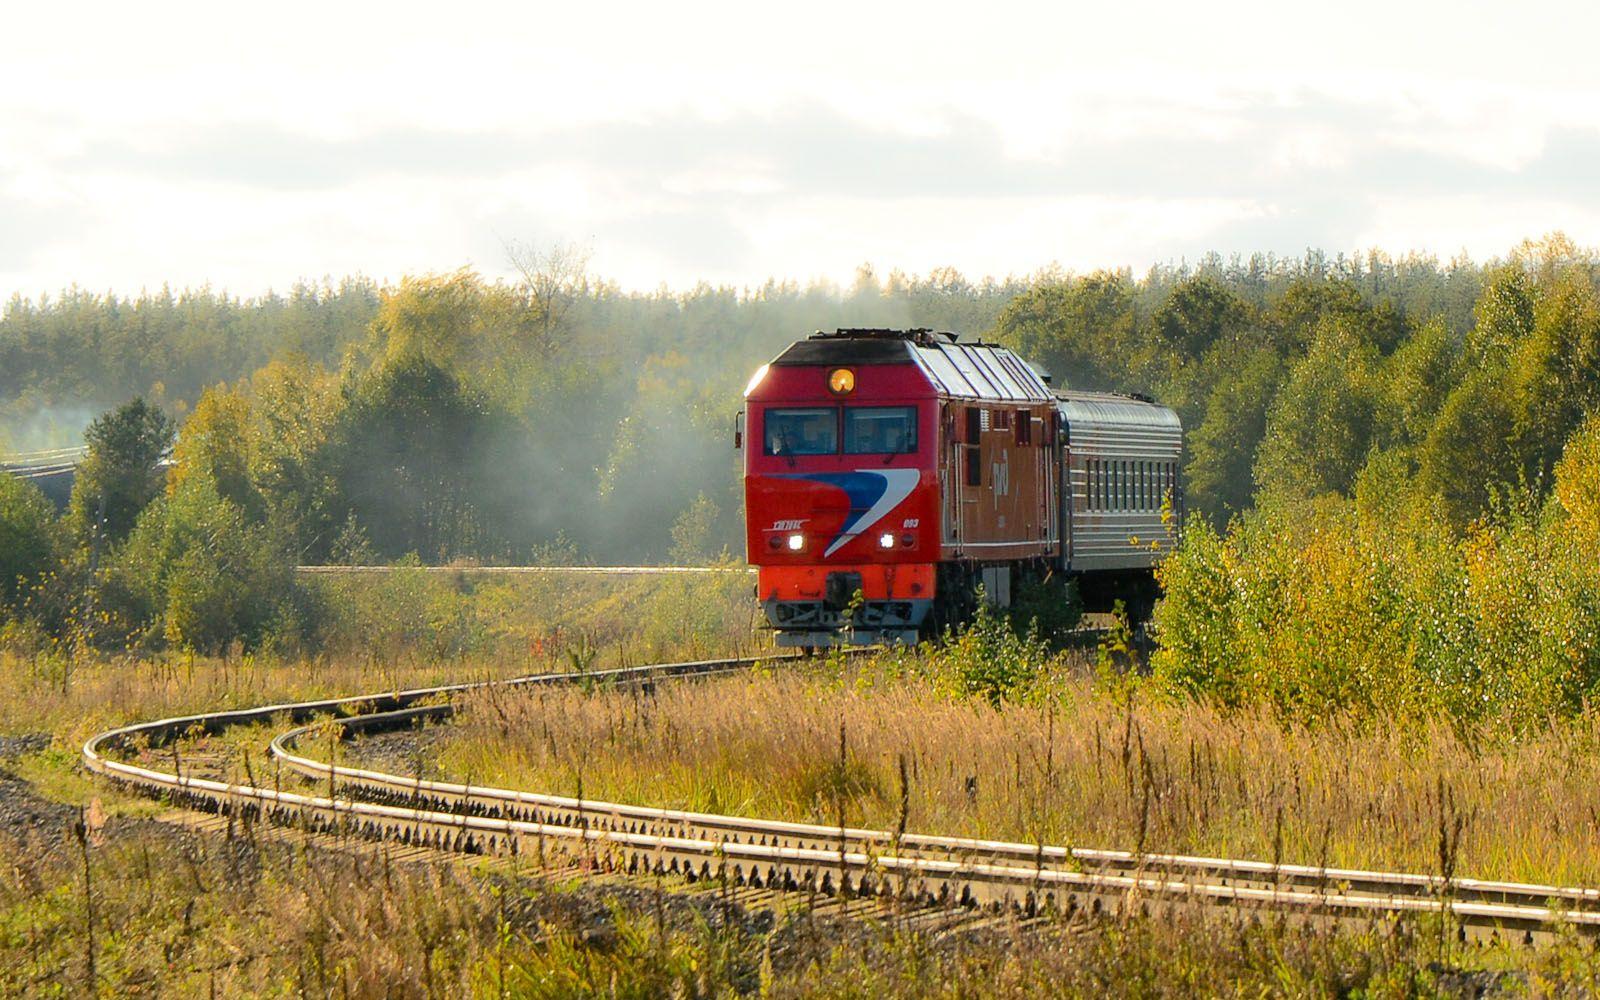 ©Foto: railmen Steffen Mann | TEM70BS-093 mit Zugpaar auf kurviger Strecke